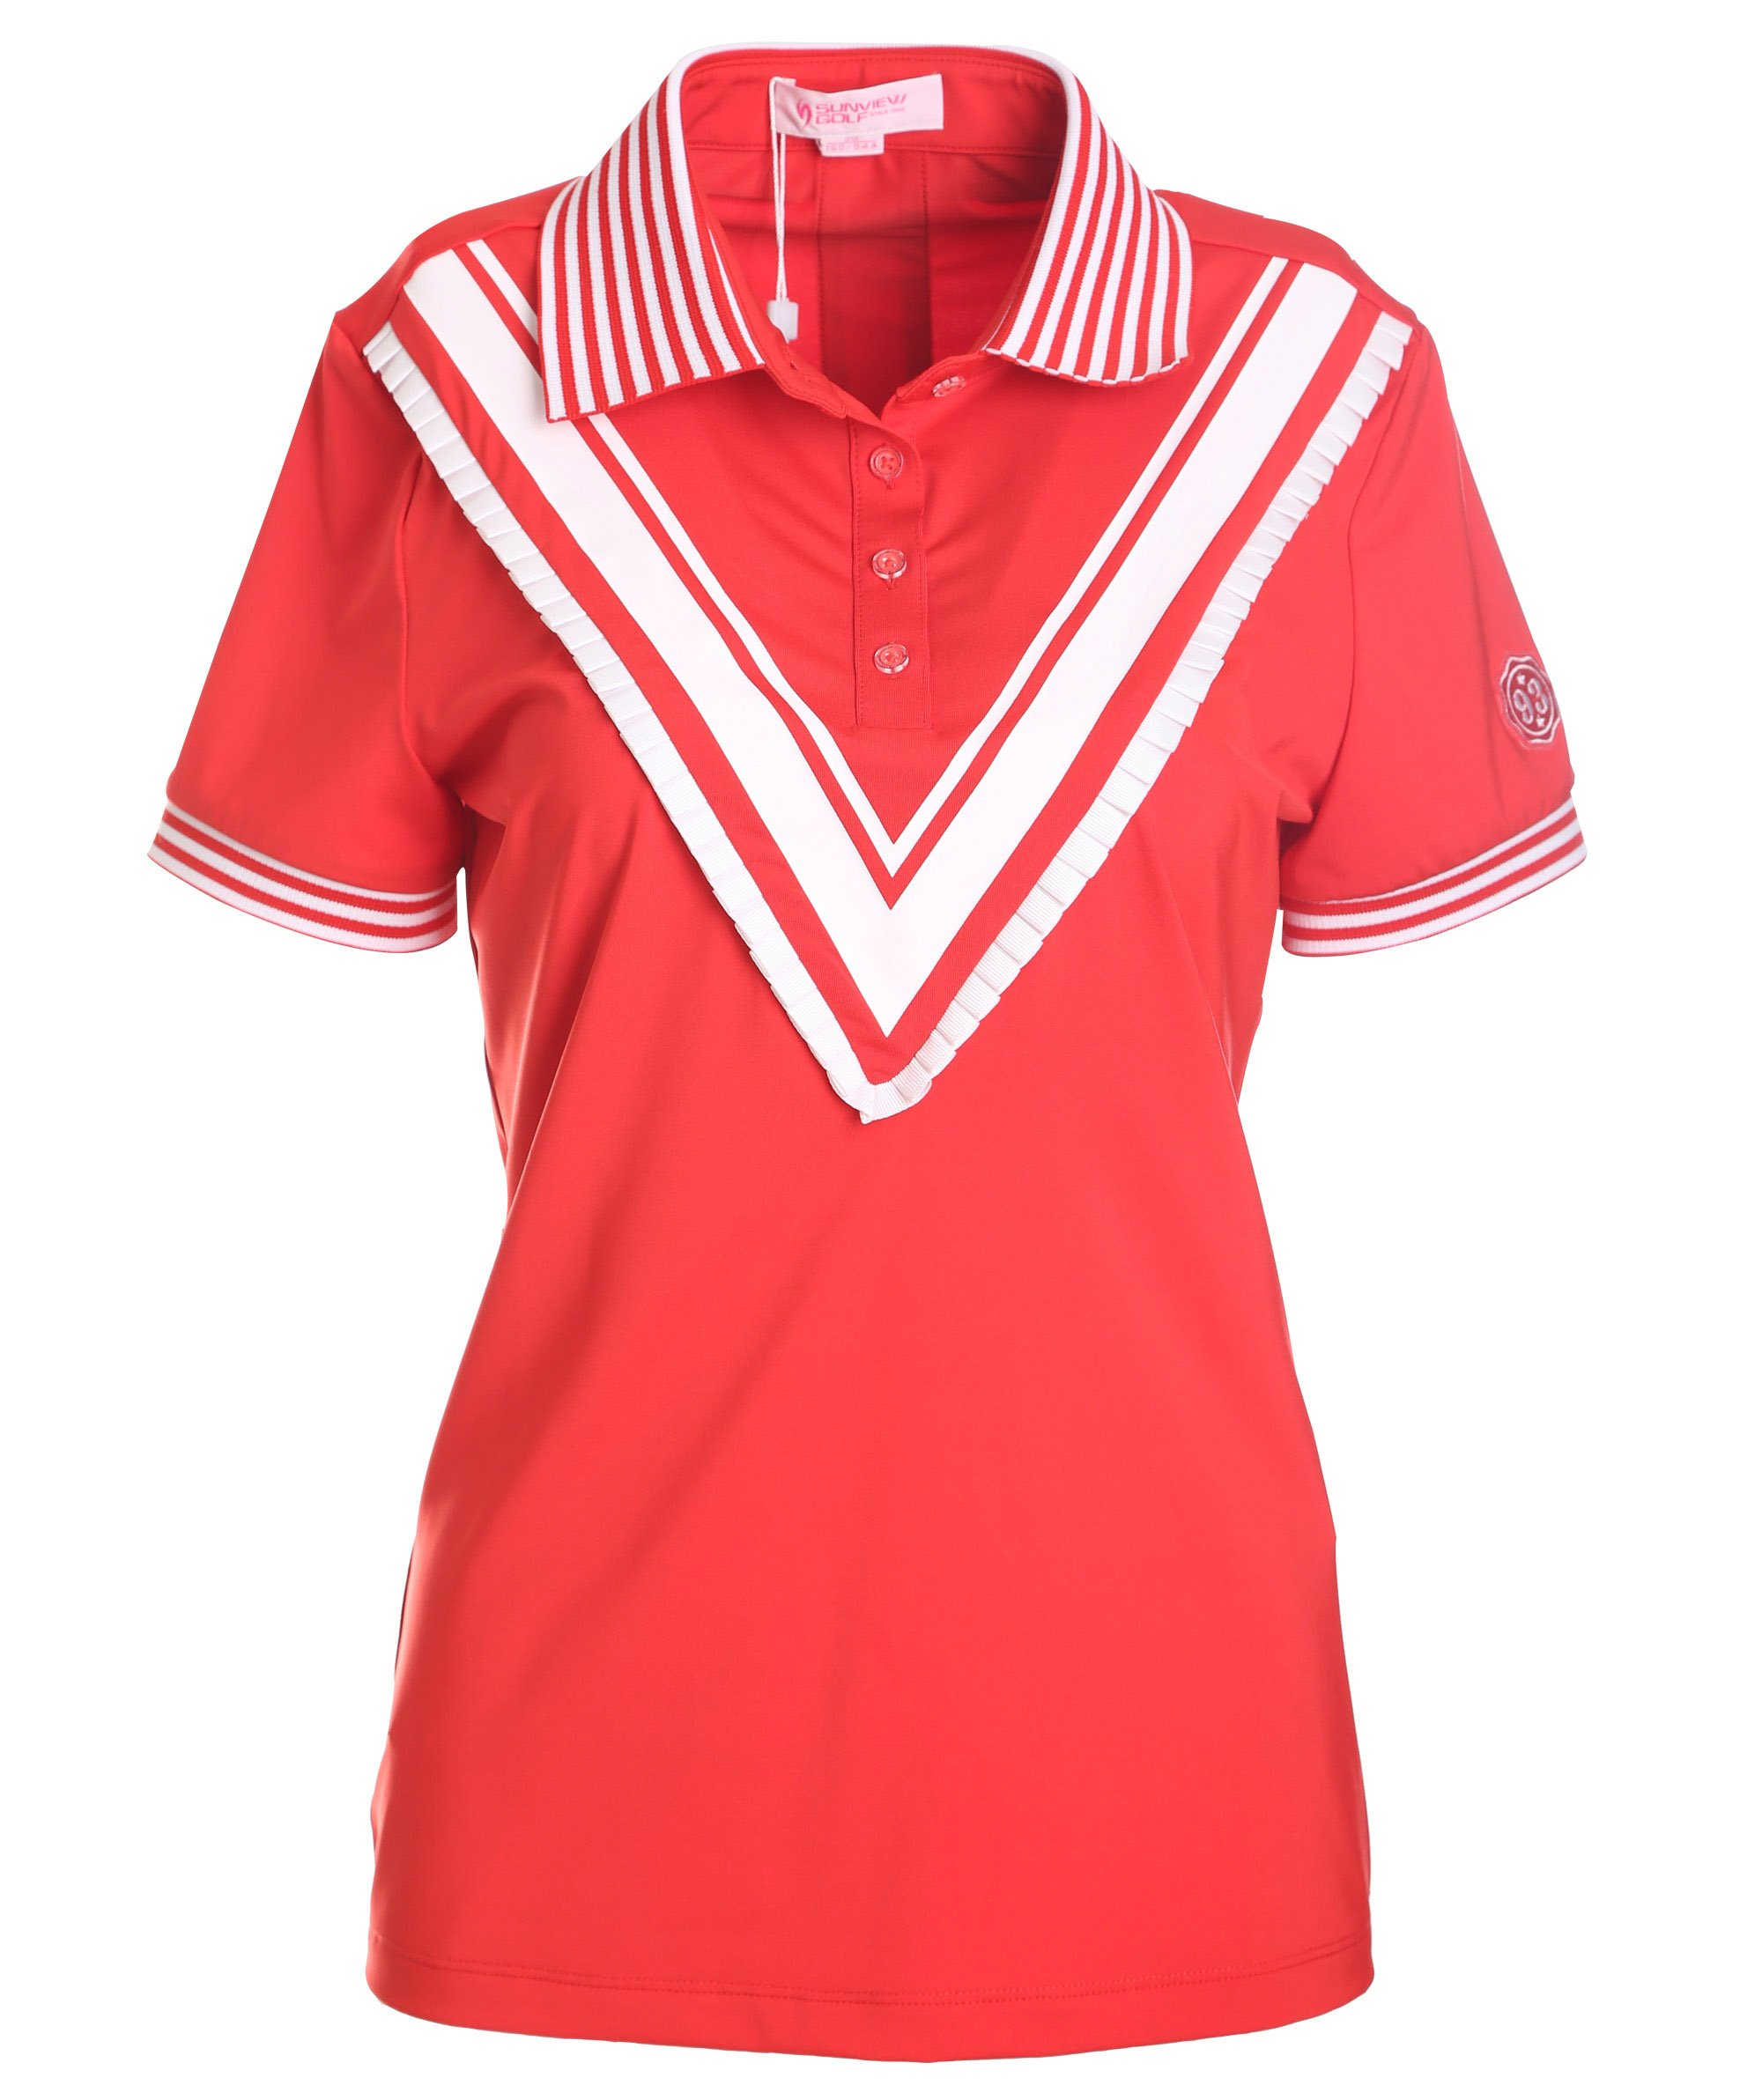 SunviewGolf svg Women's Short Sleeve Polo Shirt Ladies Summer Golf Shirt Top Red XS